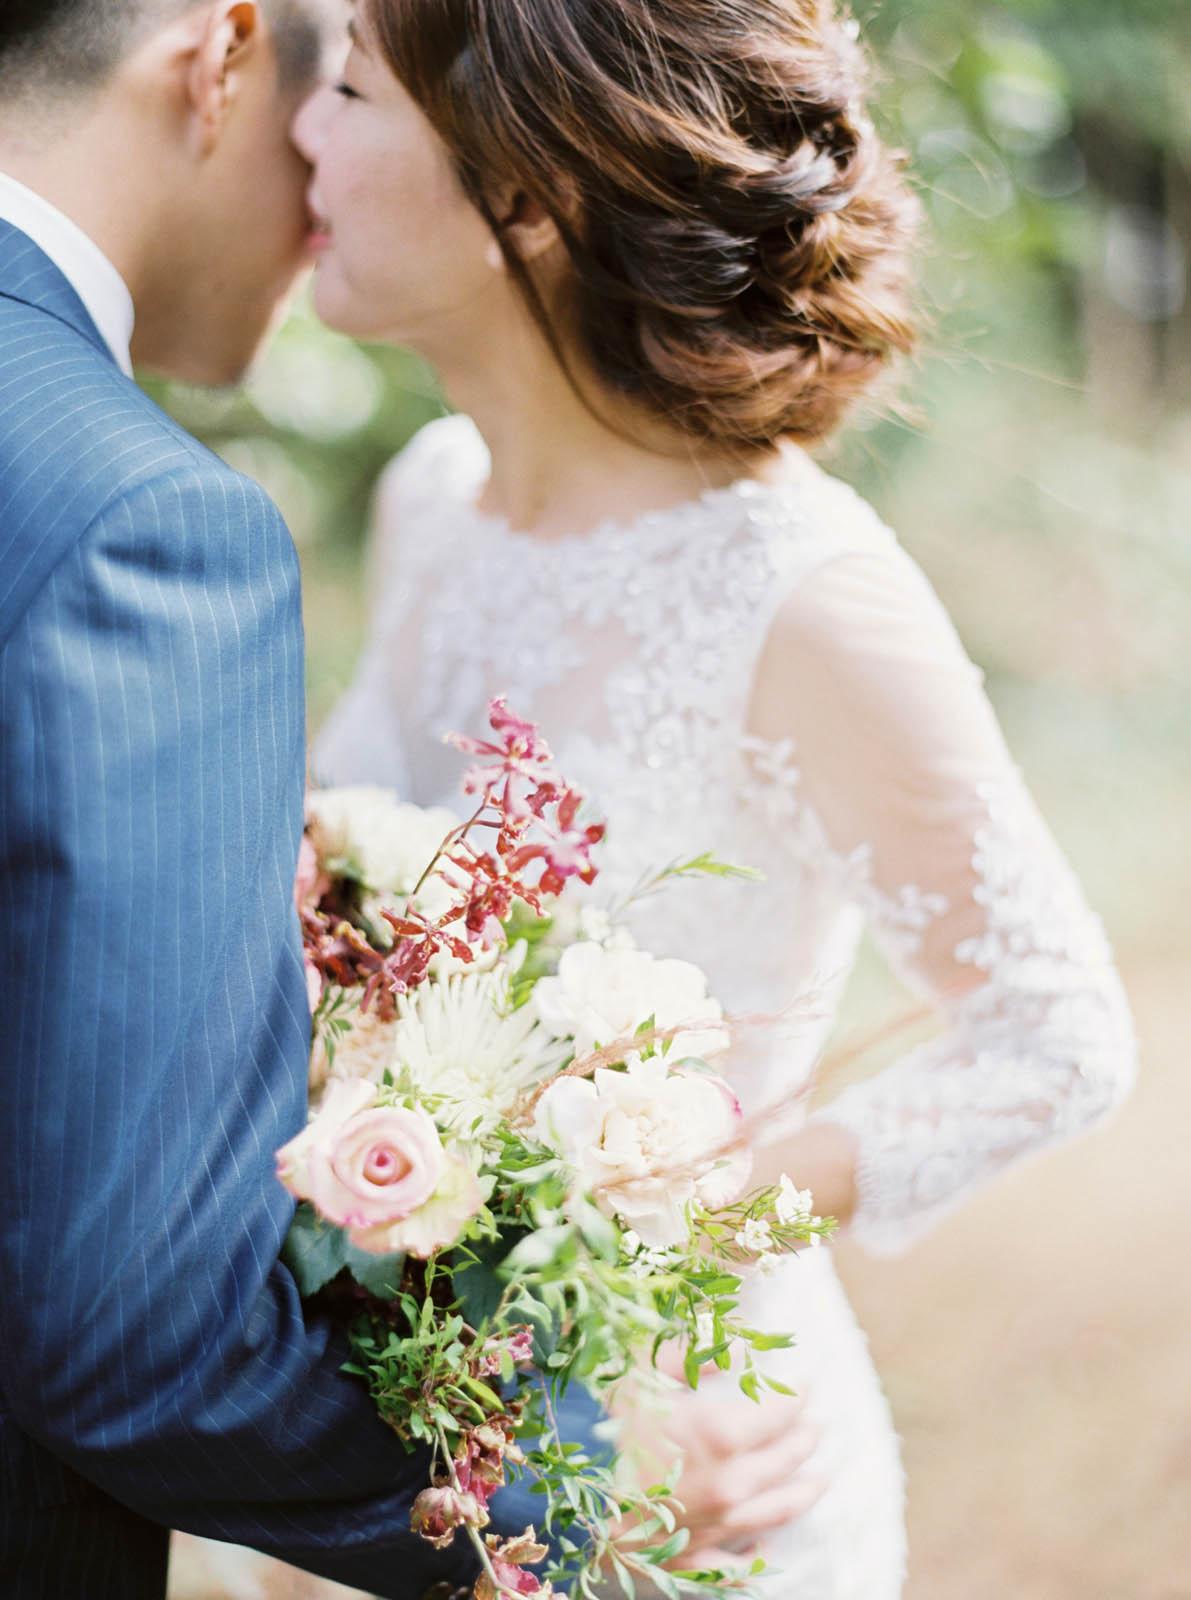 美式婚紗拍攝美式婚紗拍攝1012-0117